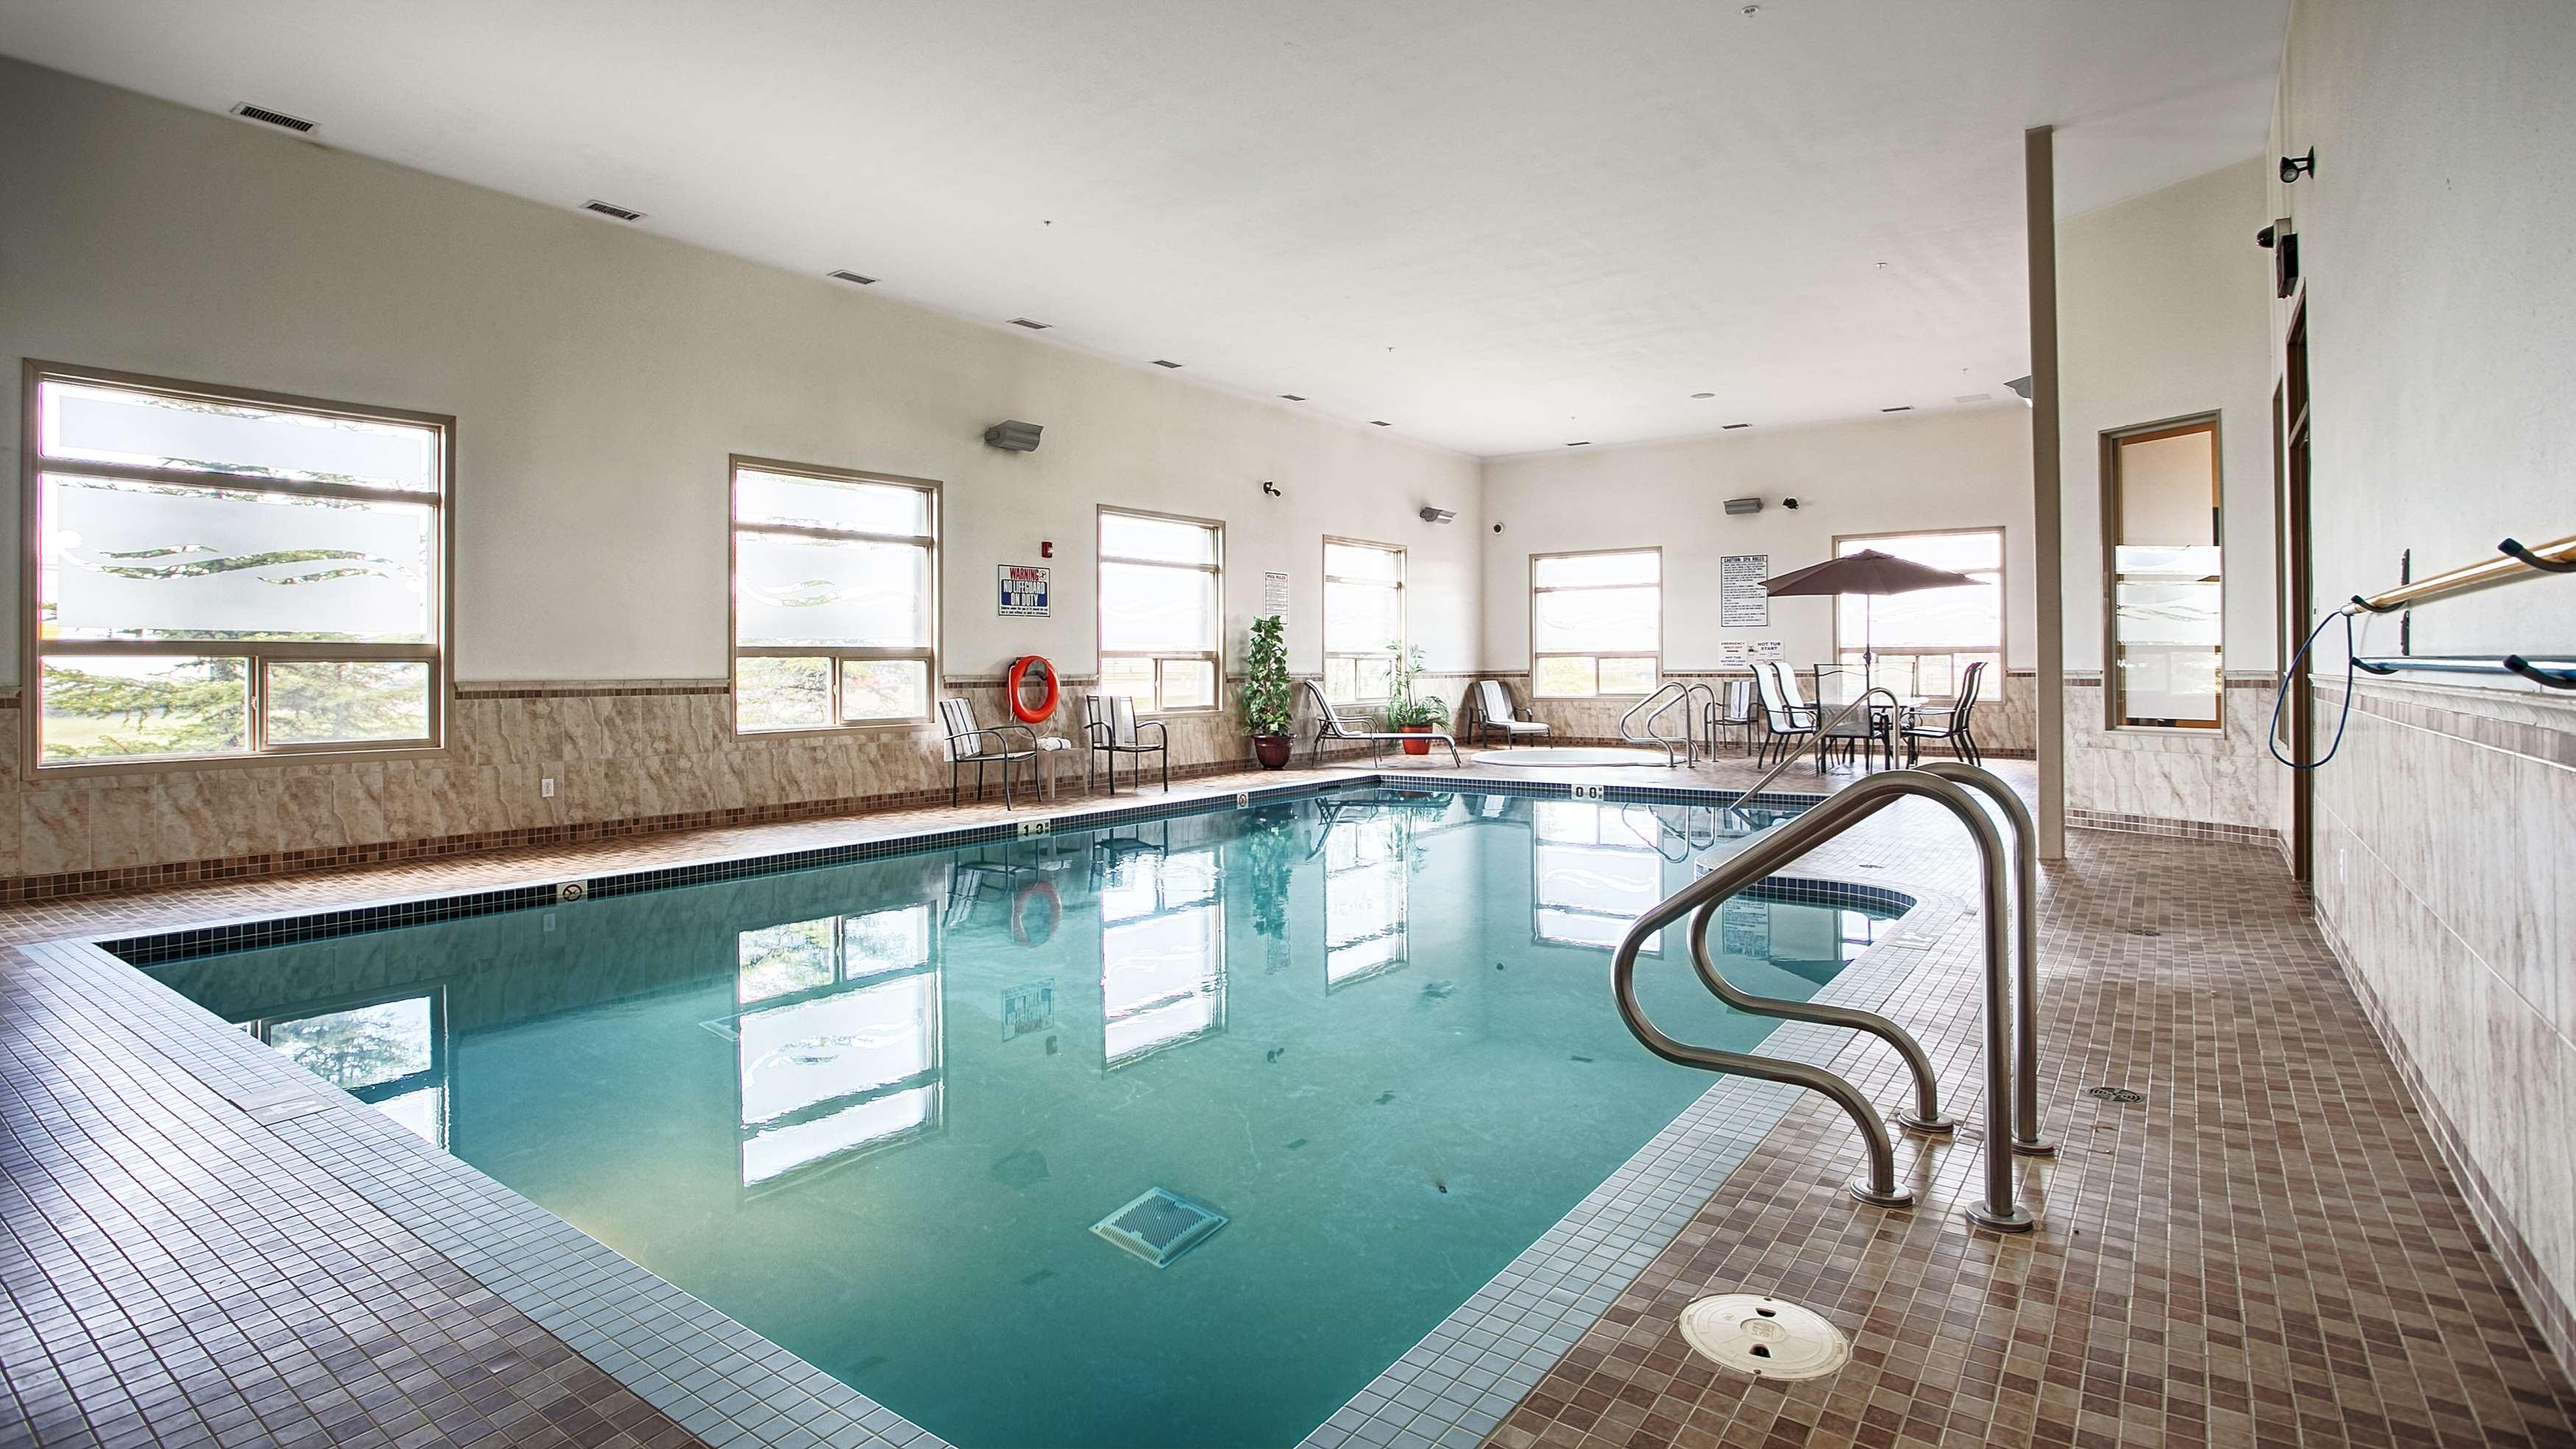 Indoor Pool Best Western Wainwright Inn & Suites Wainwright (780)845-9934